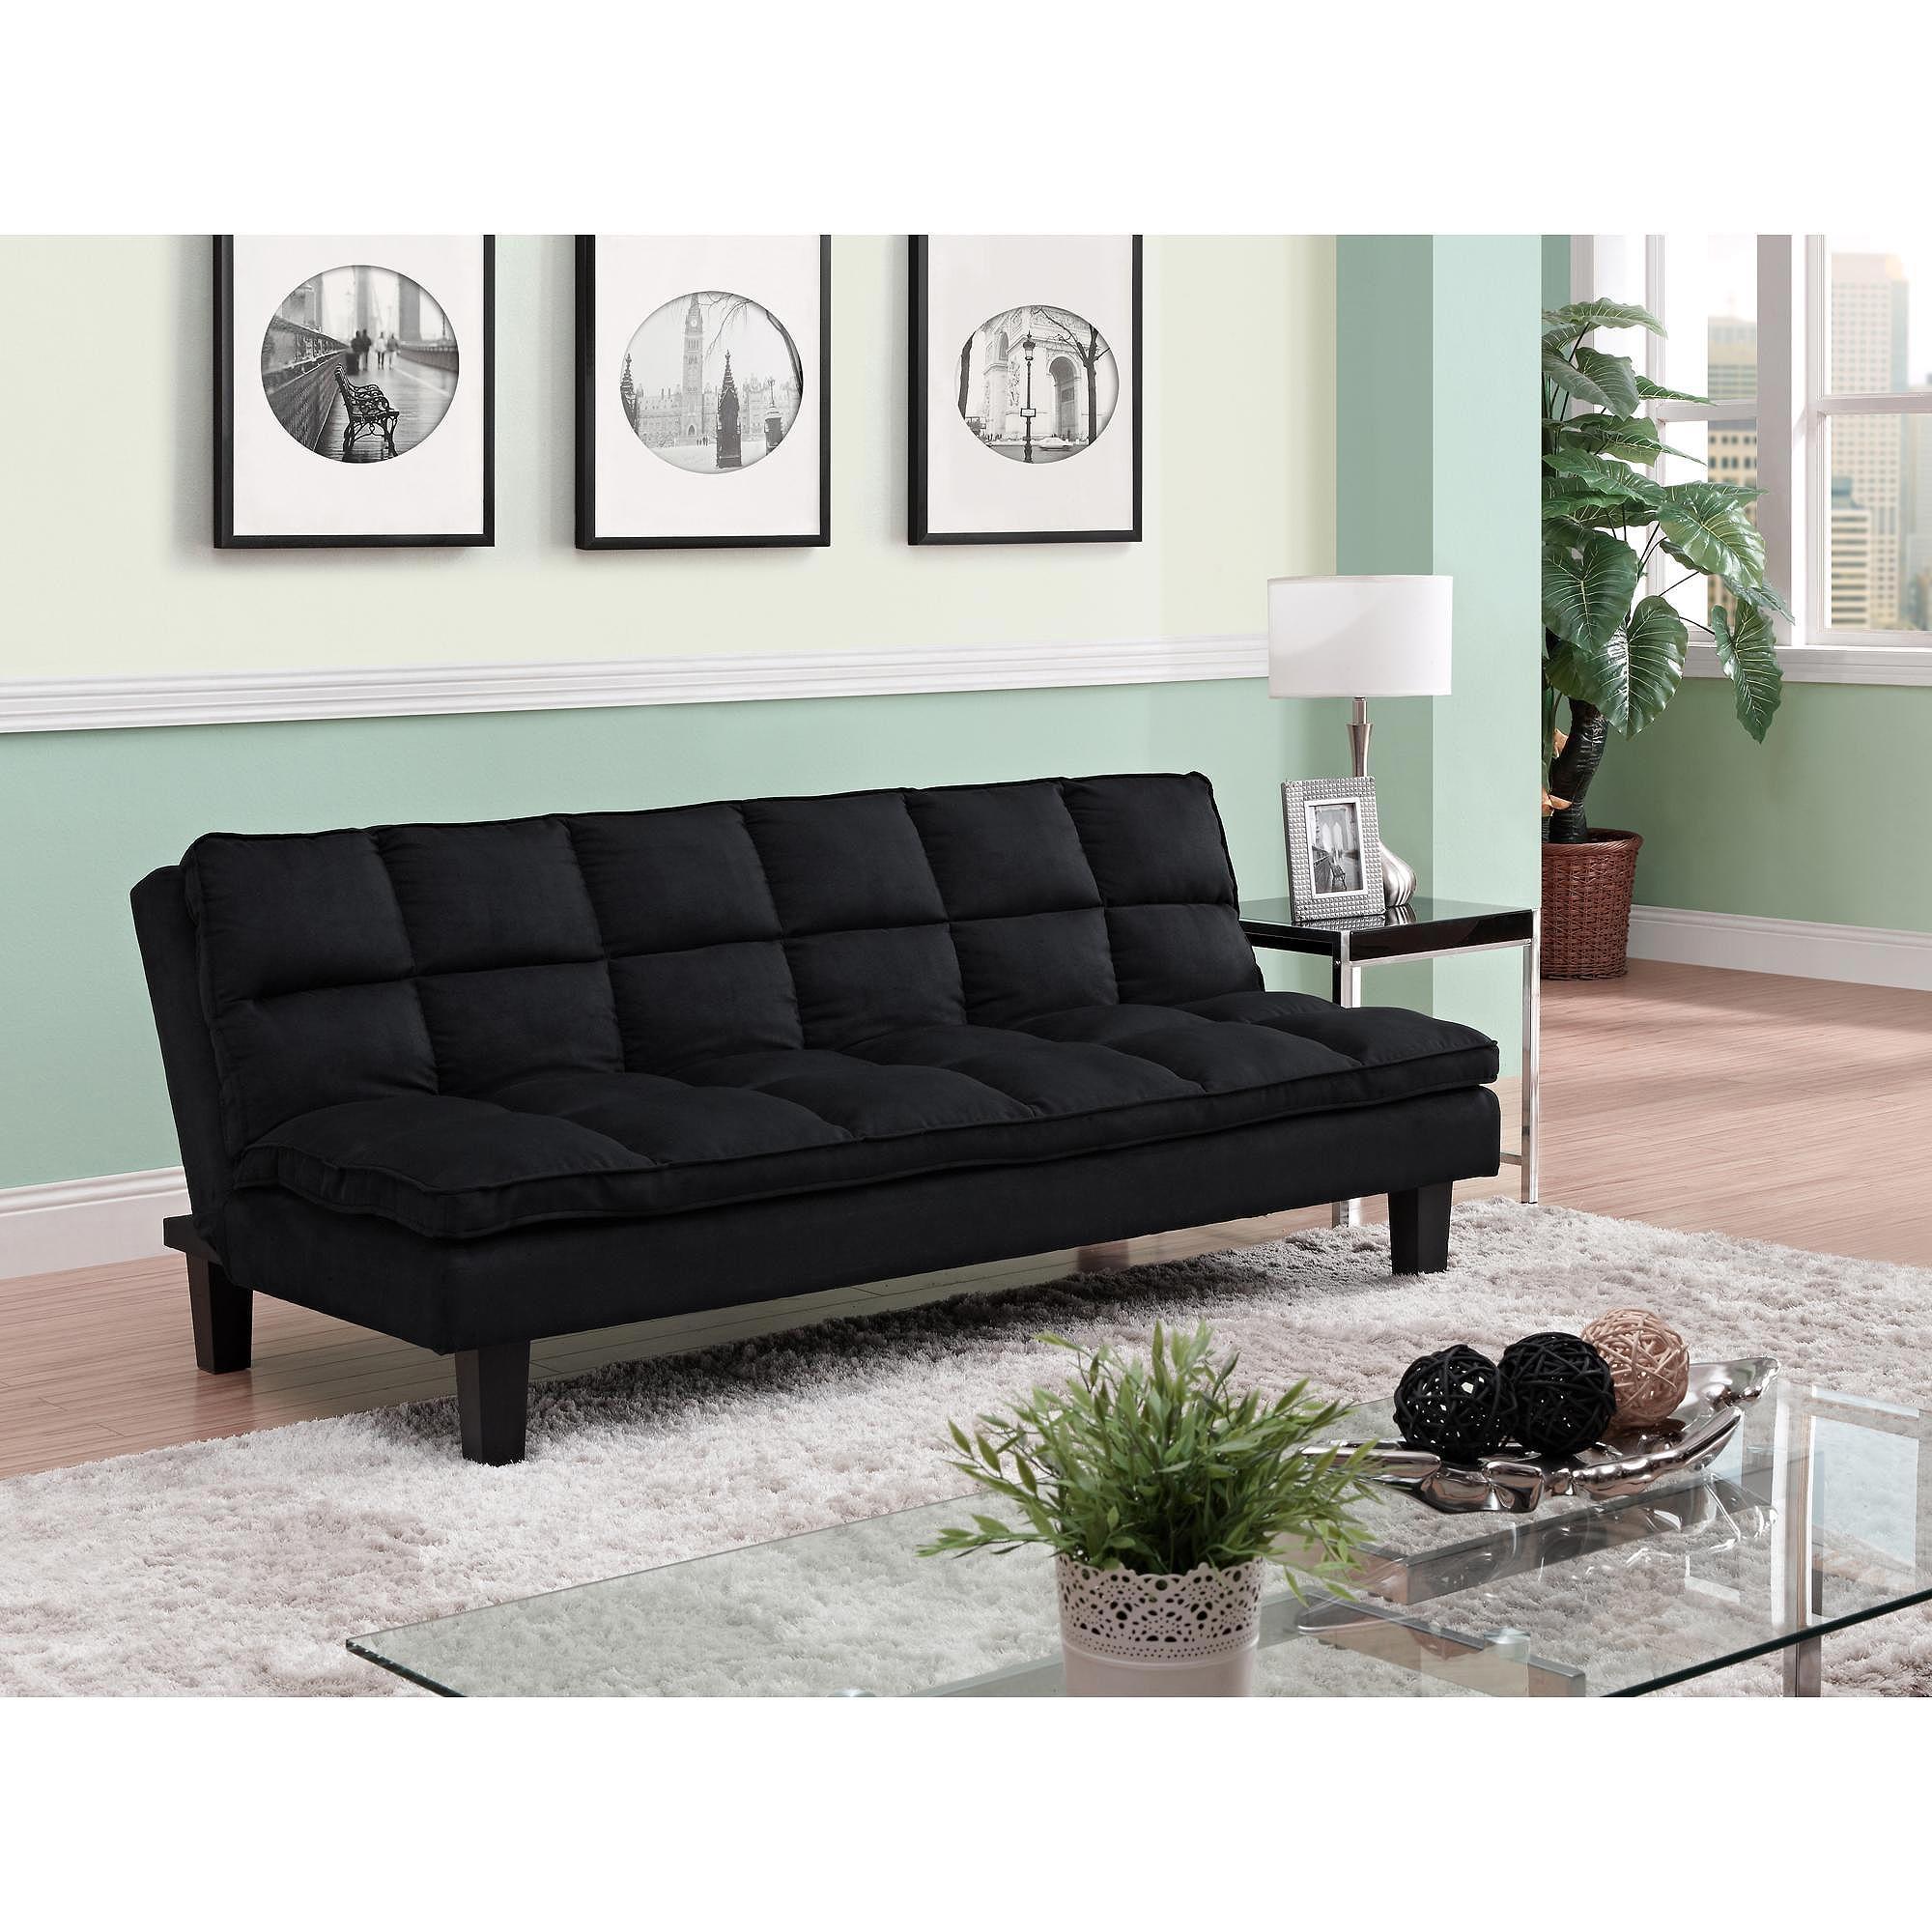 Allegra Pillow Top Futon, Black – Walmart Regarding Small Black Futon Sofa Beds (View 14 of 20)